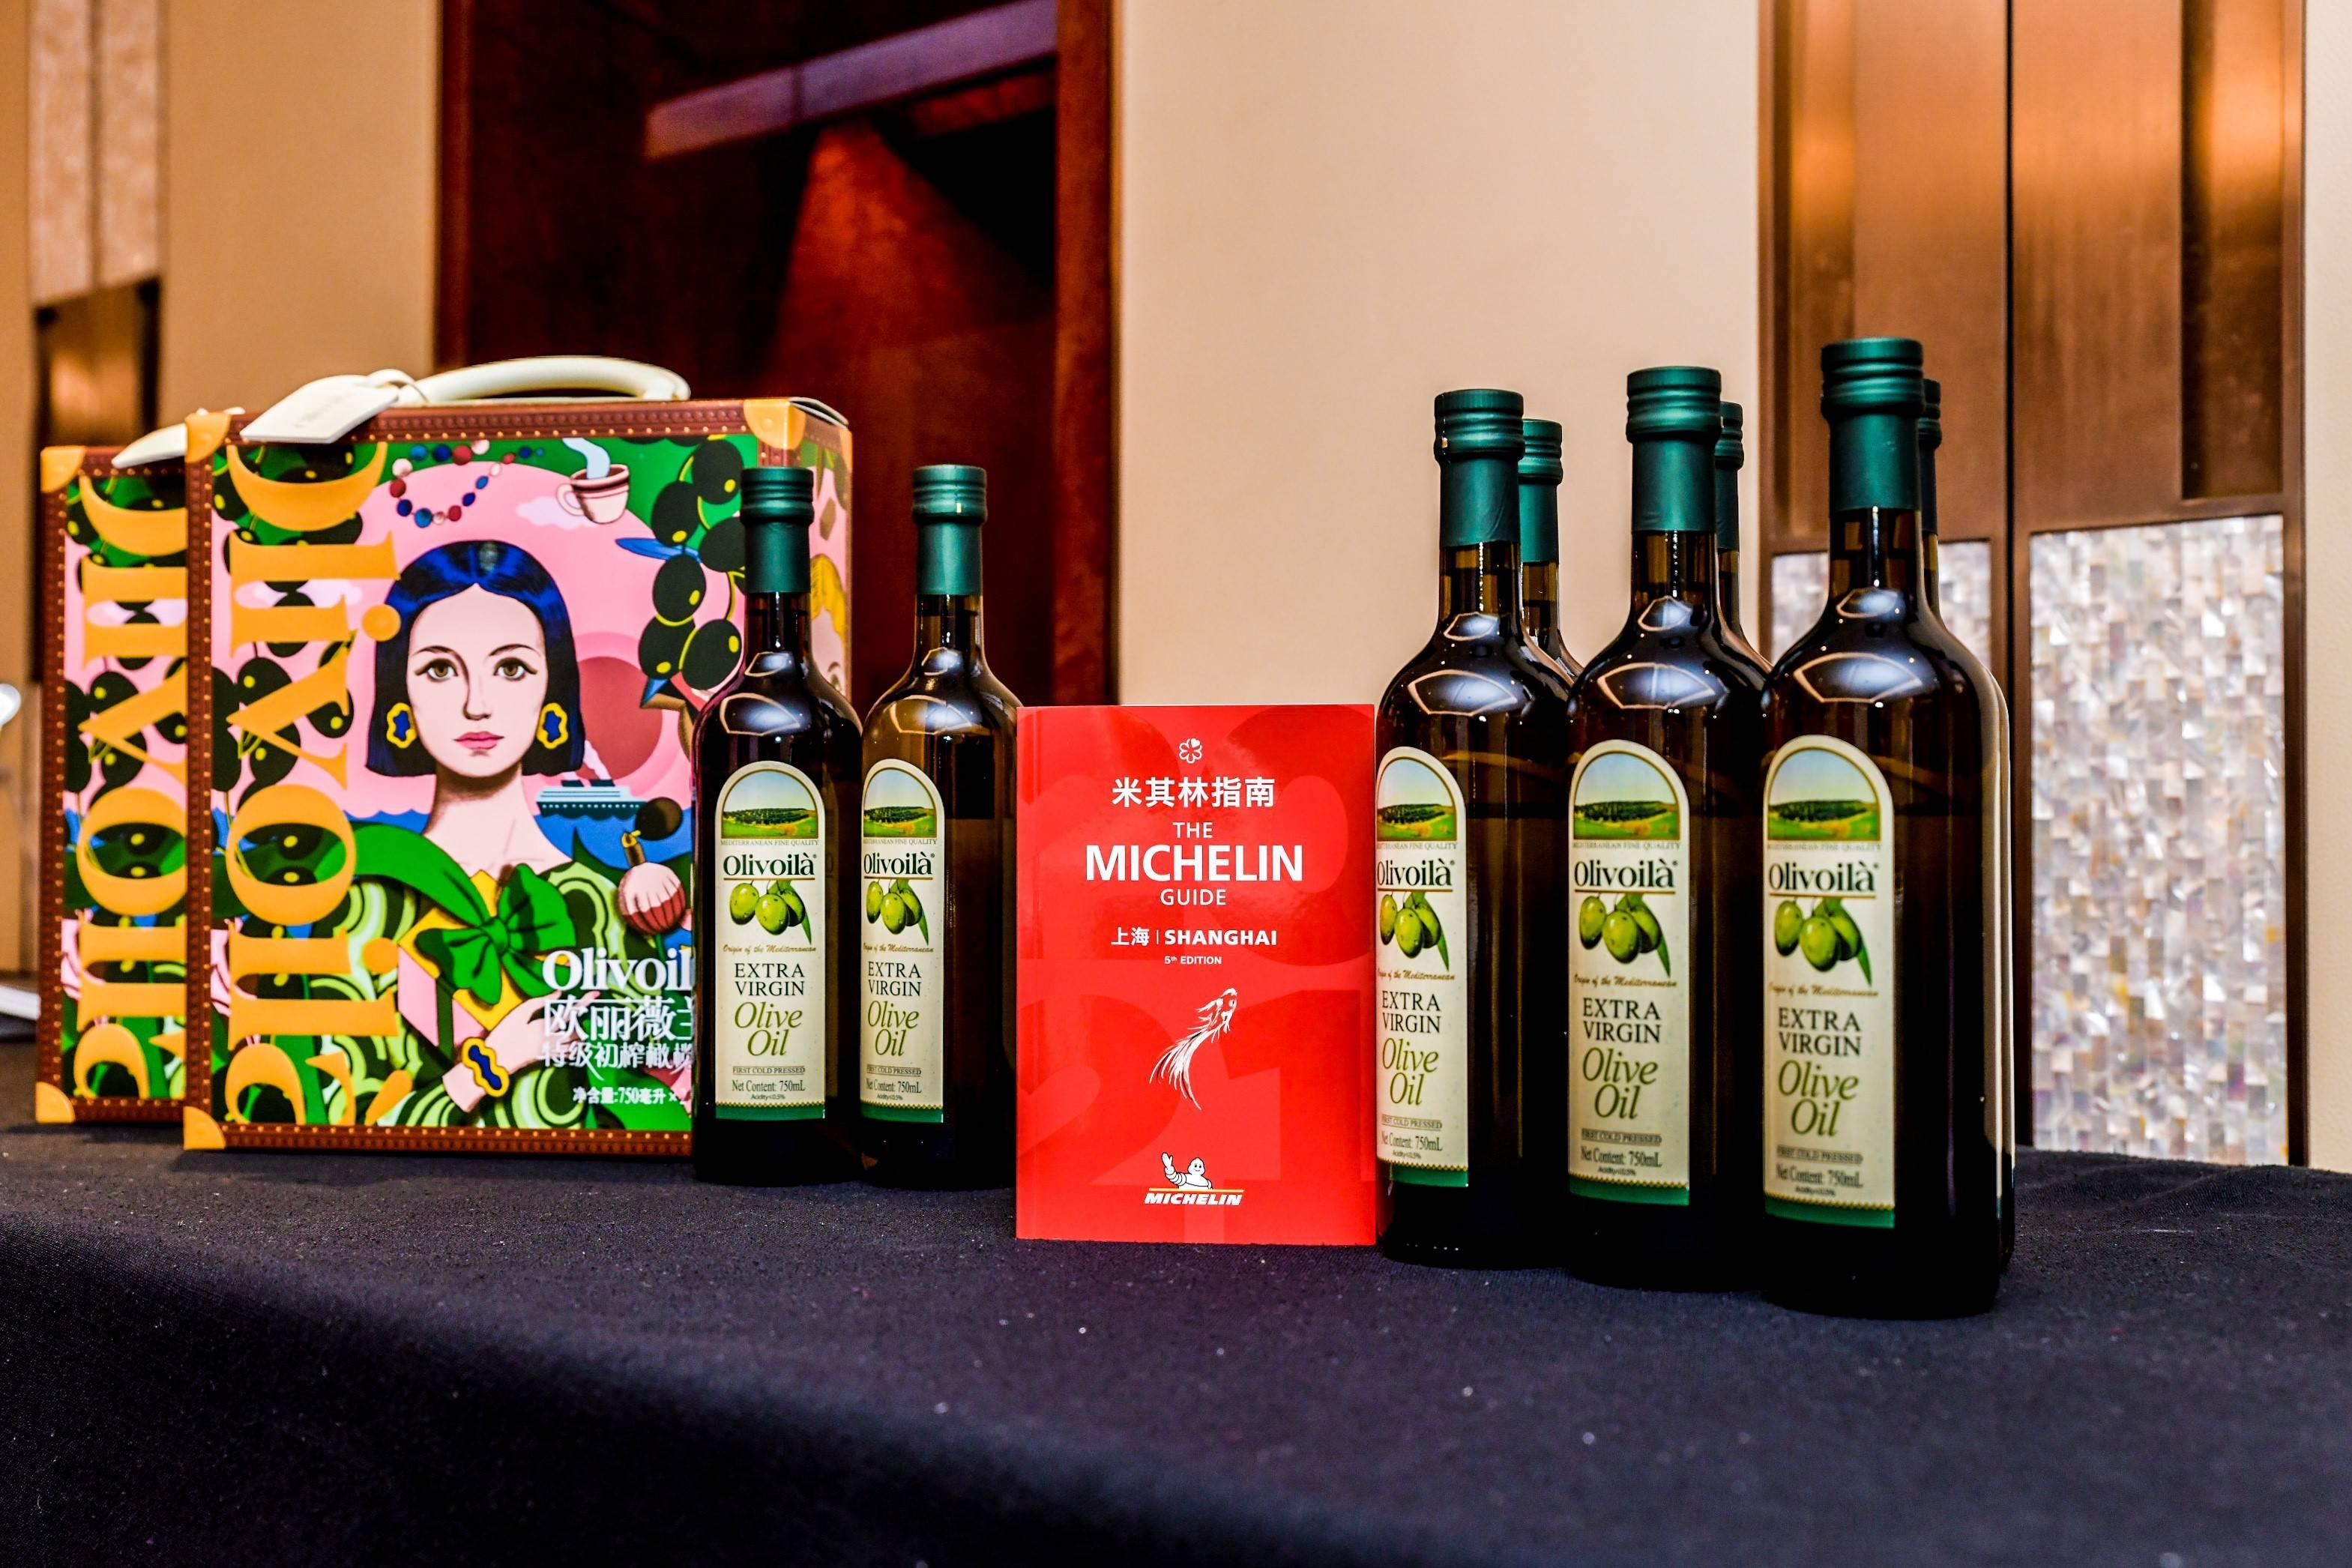 共飨星级美味,米其林指南官方合作伙伴欧丽薇兰橄榄油见证上海餐厅摘星